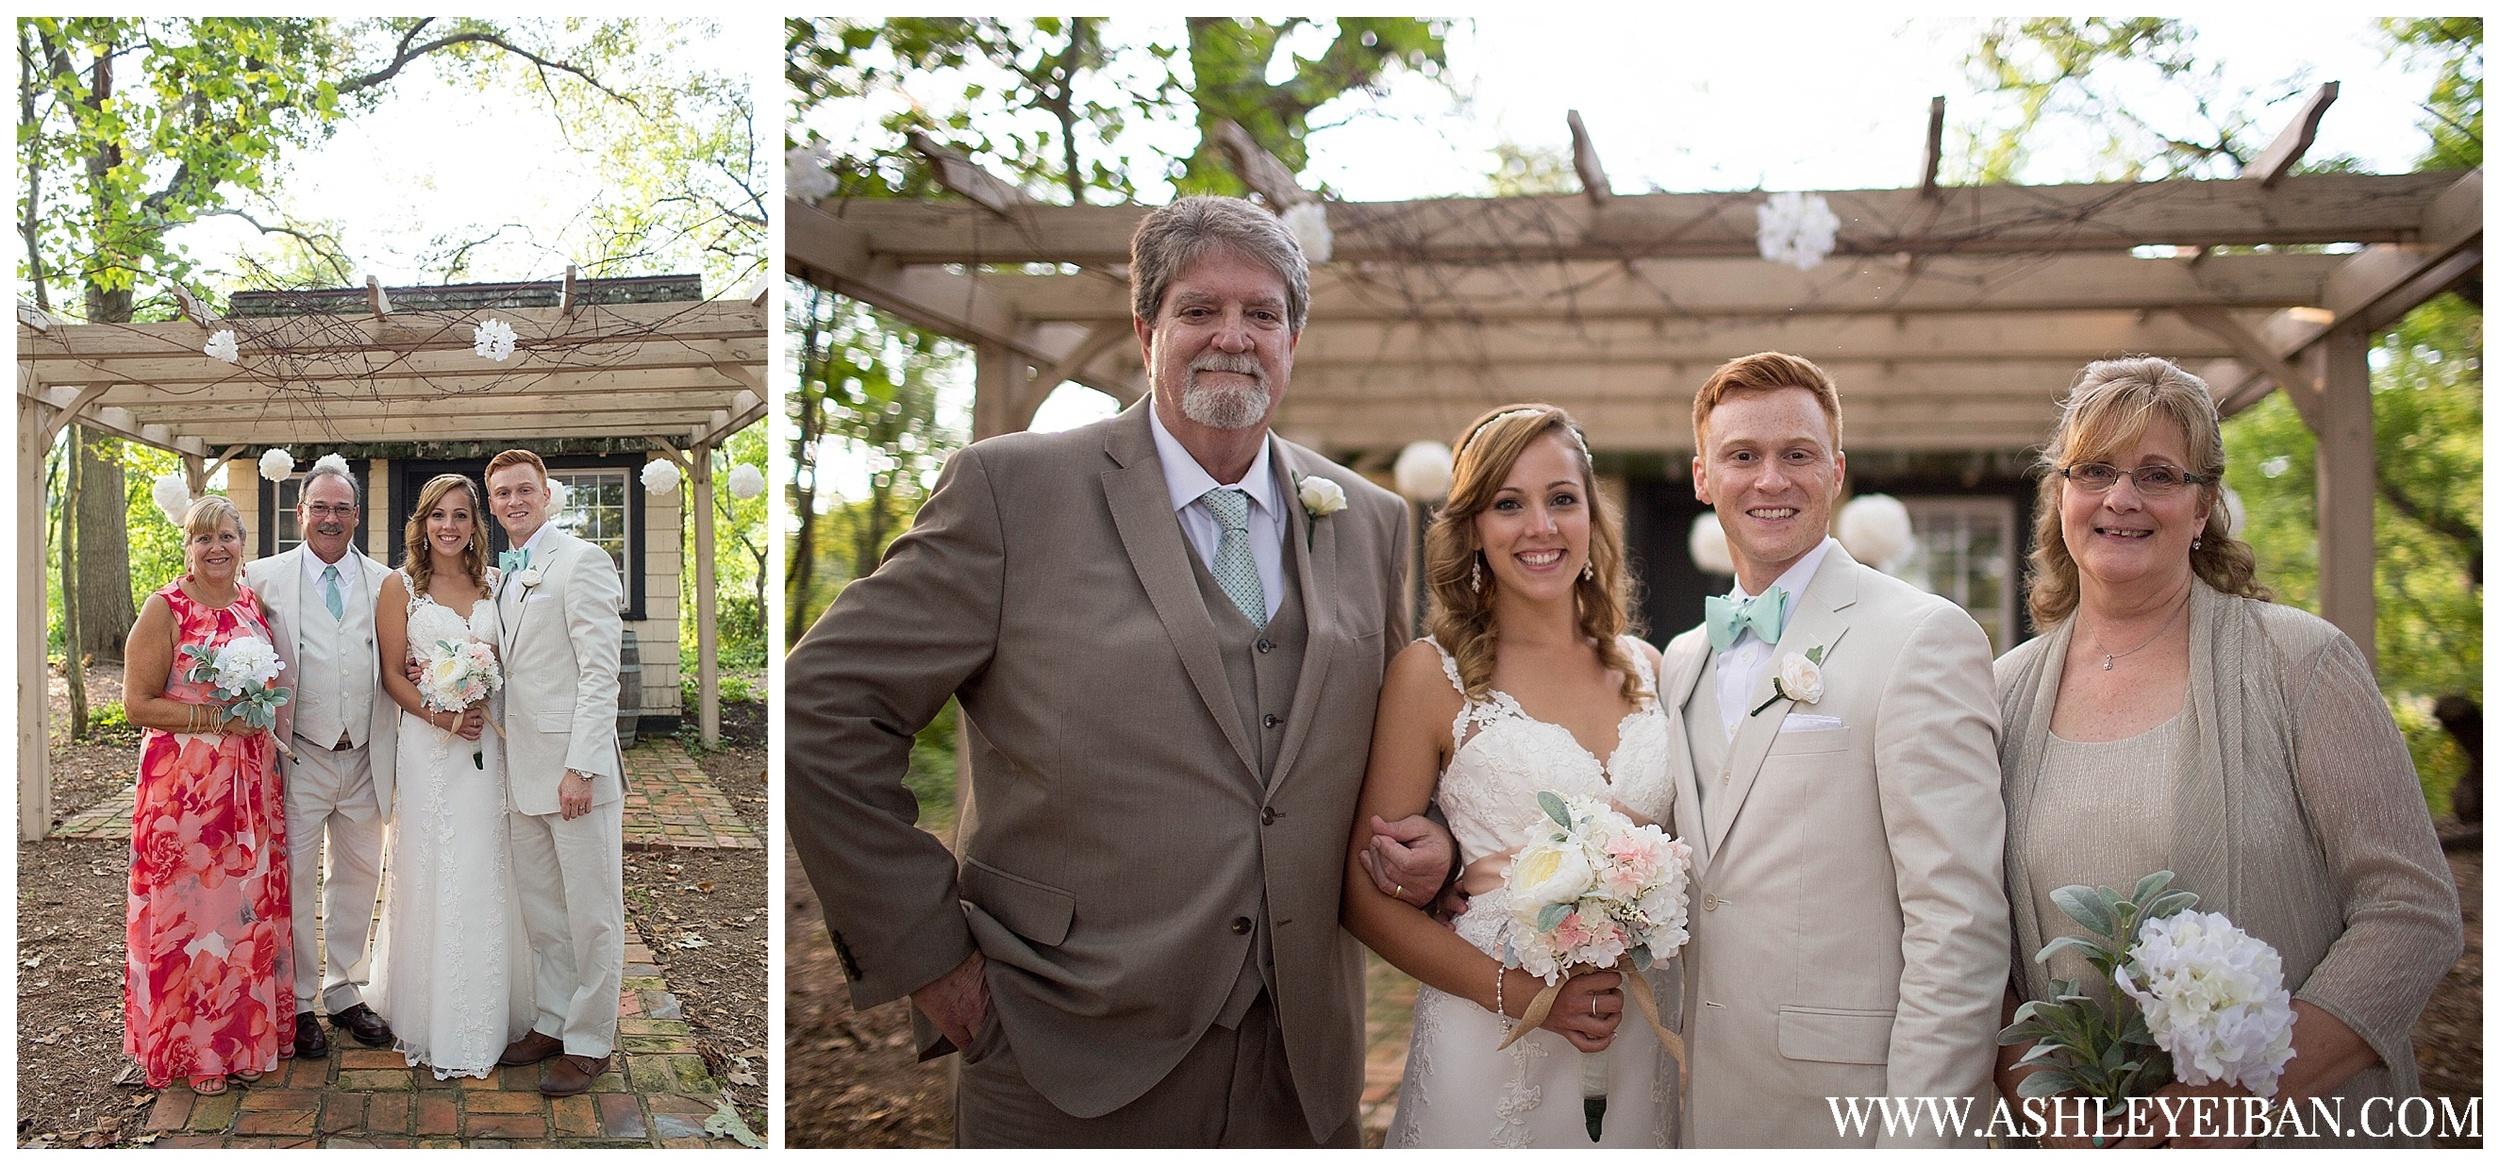 Lynchburg, Virginia Wedding Photographer    Central VA Wedding Photographer    Ashley Eiban Photography    www.ashleyeiban.com